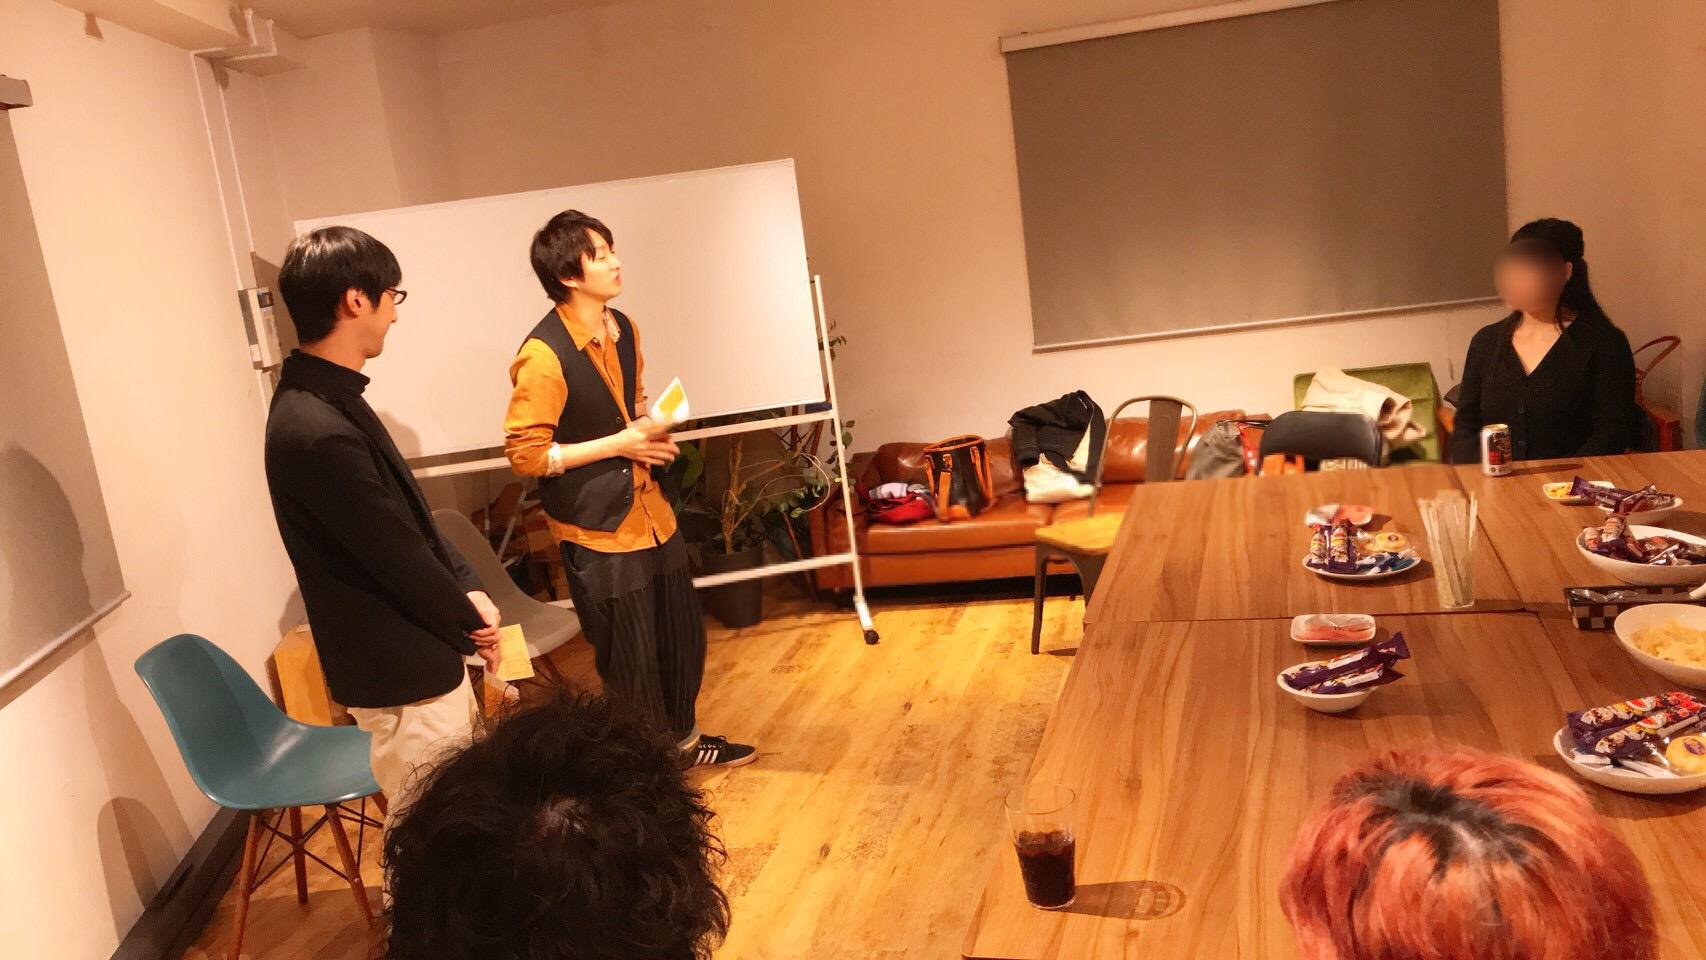 Mace池袋でライター仲野の所属する演劇団体の新年会が開かれました!|TIME SHARING|タイムシェアリング |スペースマネジメント|あどばる|adval|SHARING